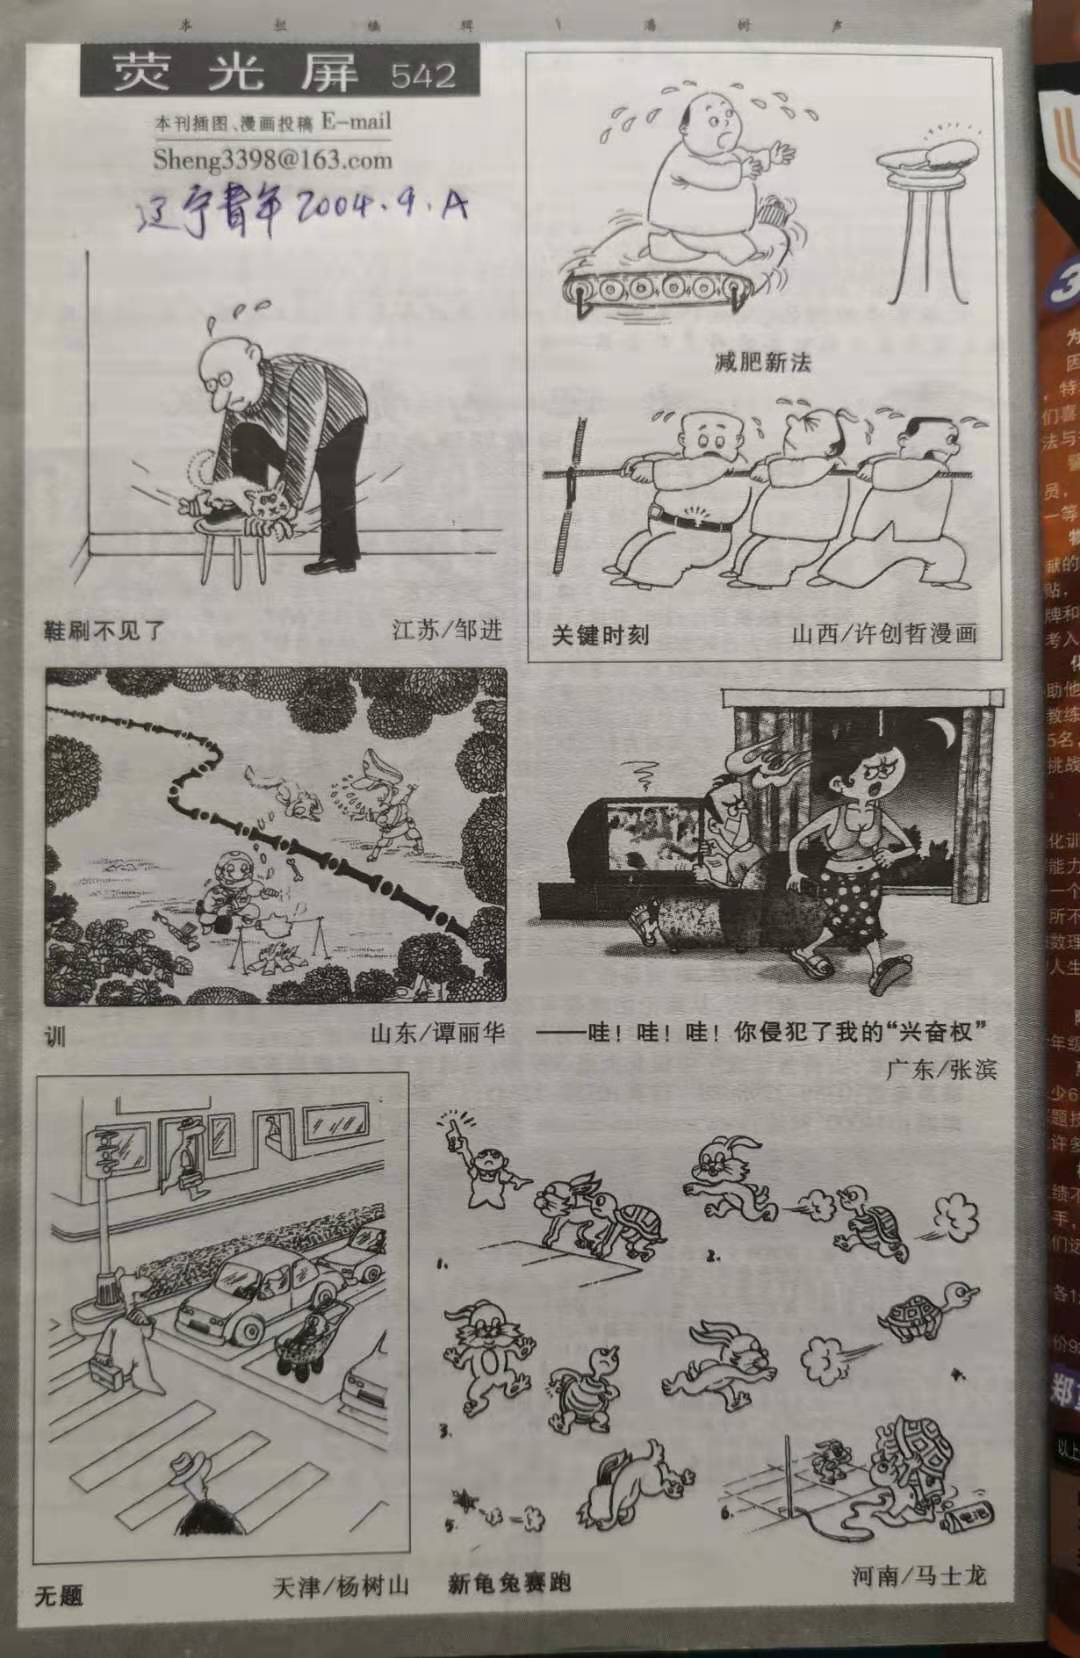 邪恶漫画之家庭教师原网高清_河南漫画家国画家散文家马士龙简介及作品欣赏(二)